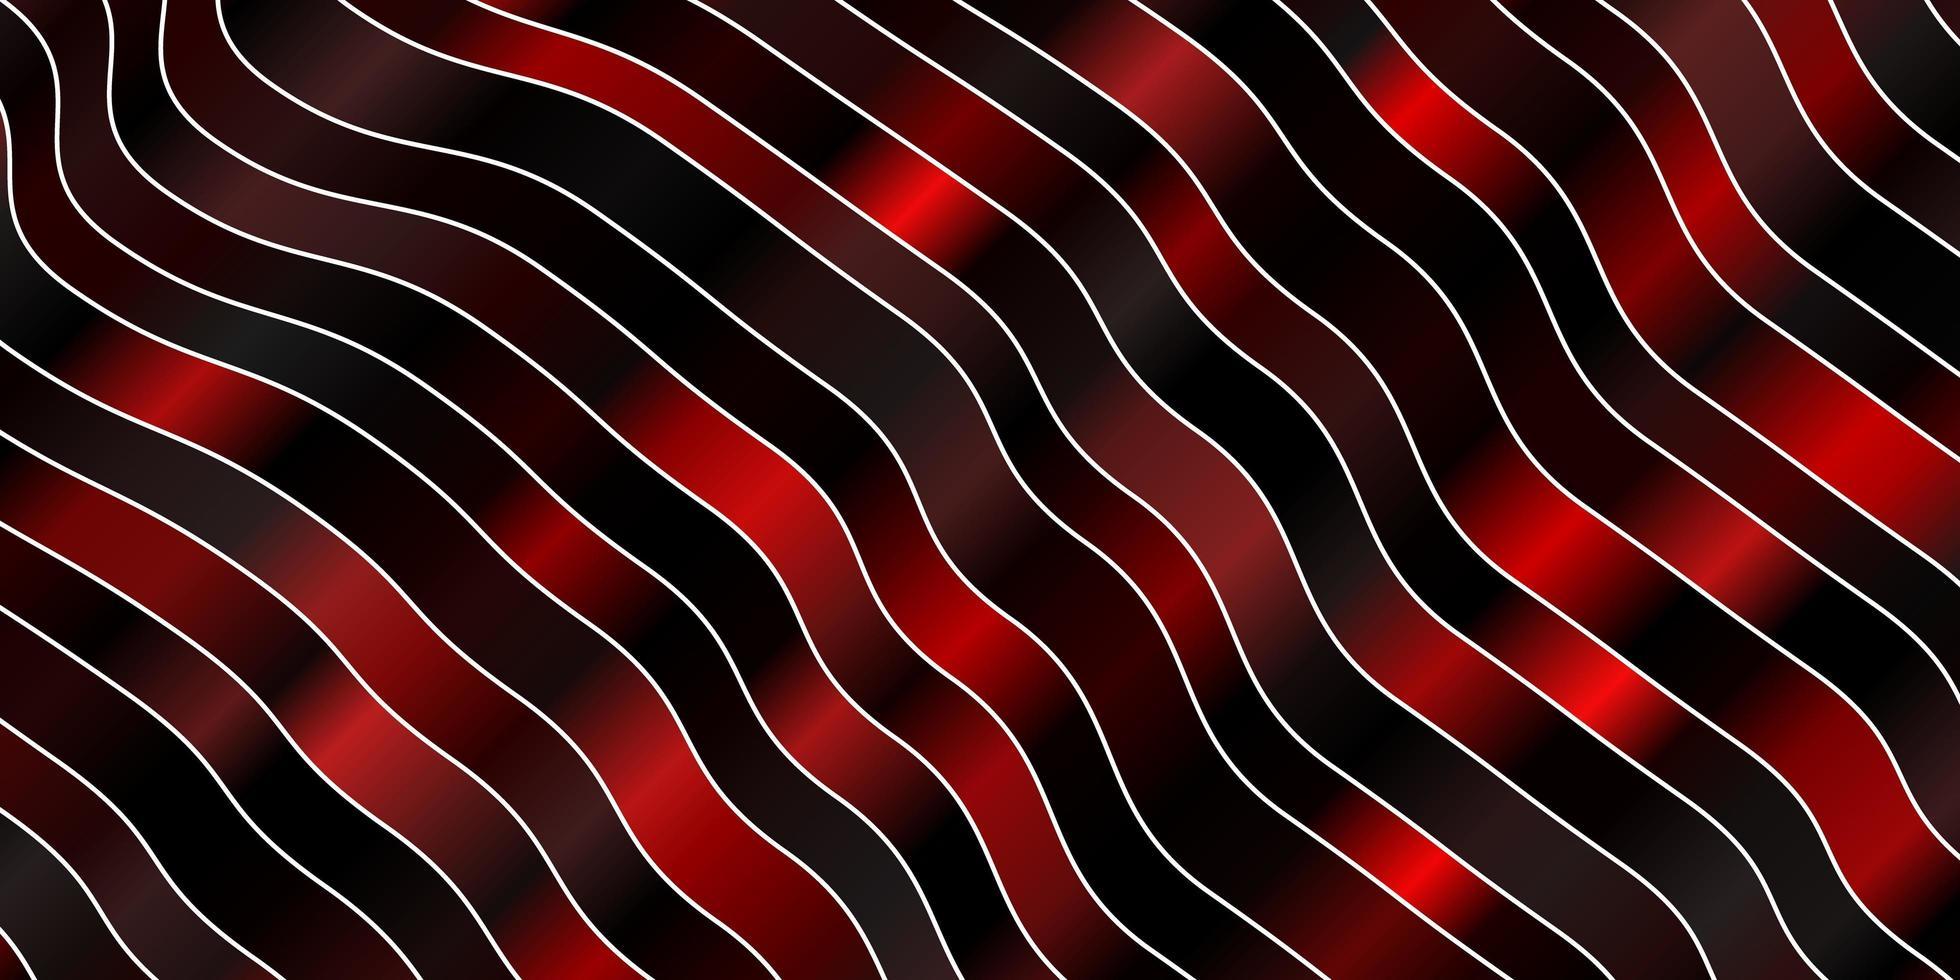 mörkrött mönster med kurvor. vektor